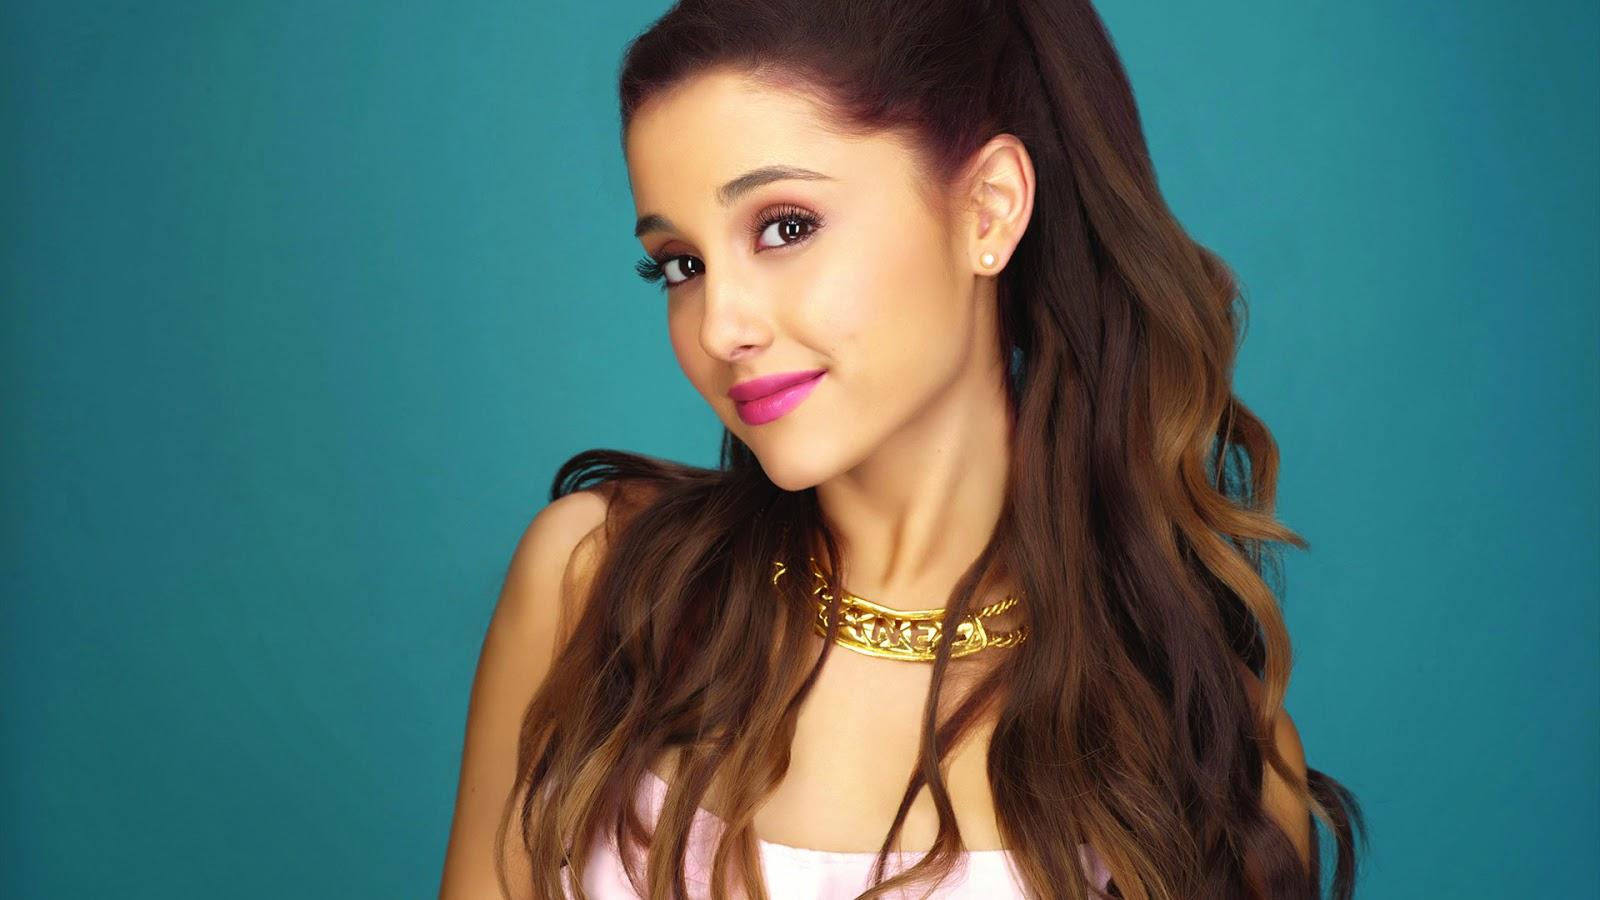 Daftar 10 Lagu Ariana Grande Terpopuler